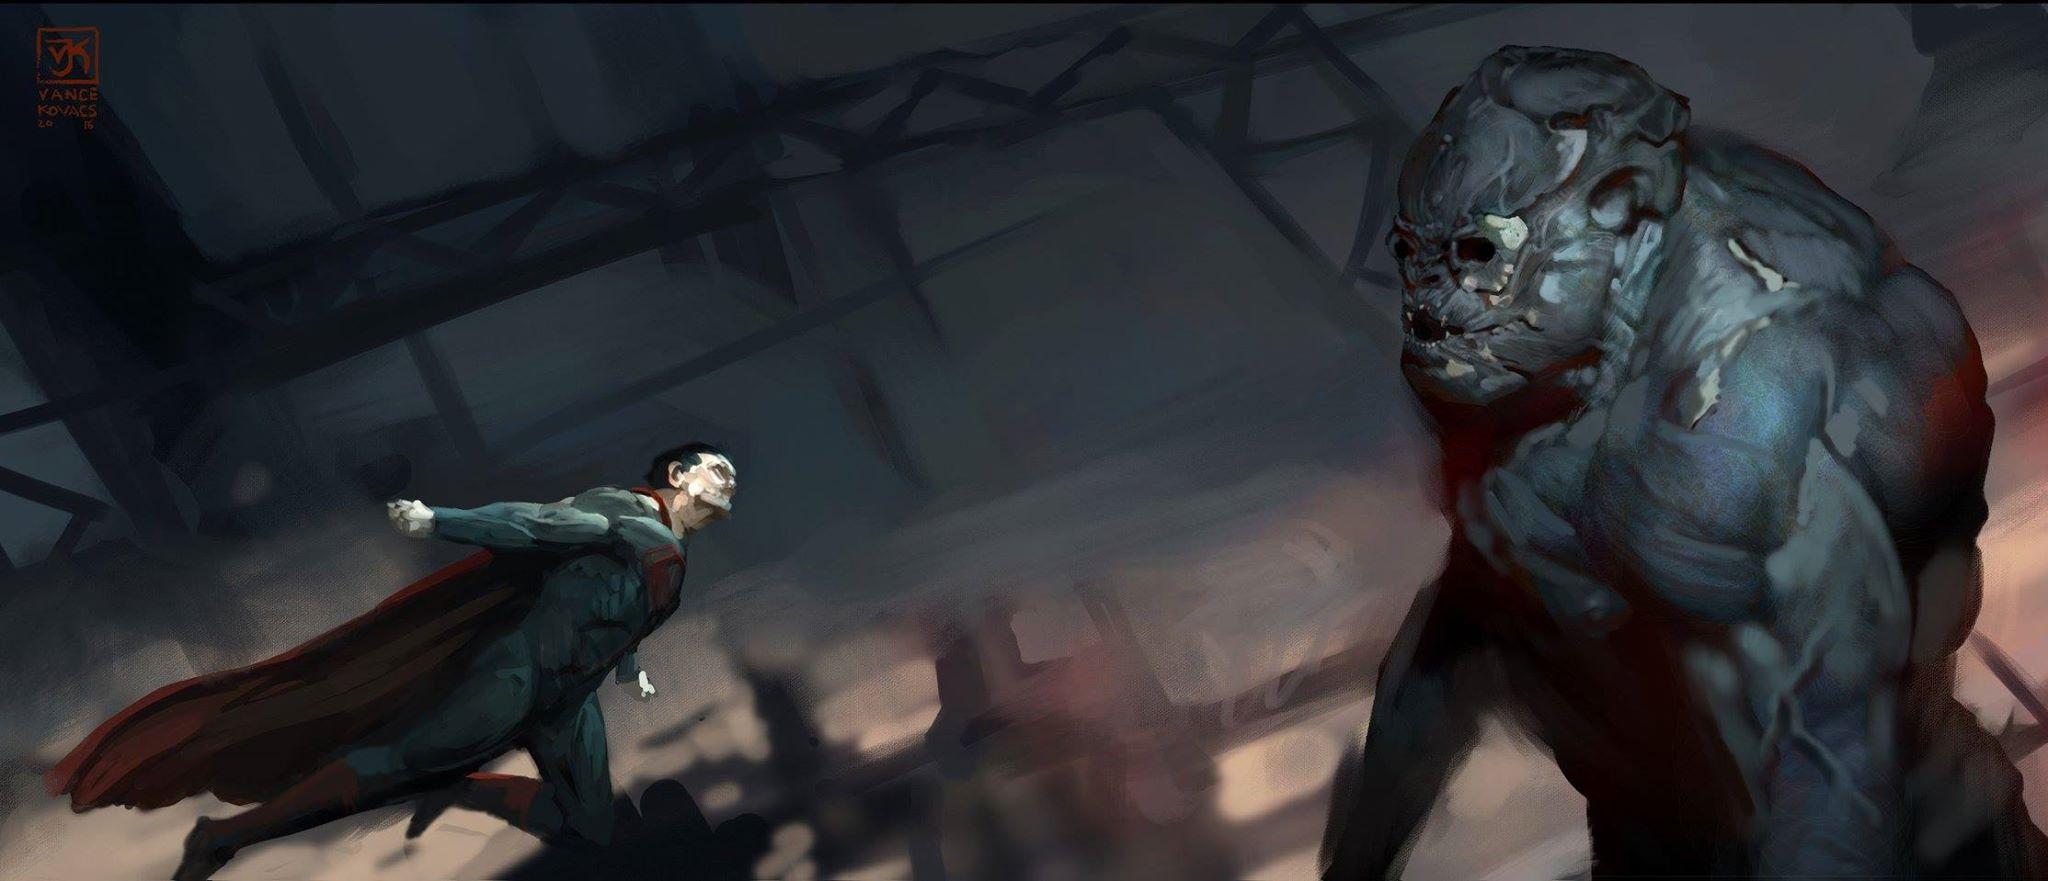 Batman v Superman: Dawn of Justice Concept Art by Vance Kovacs